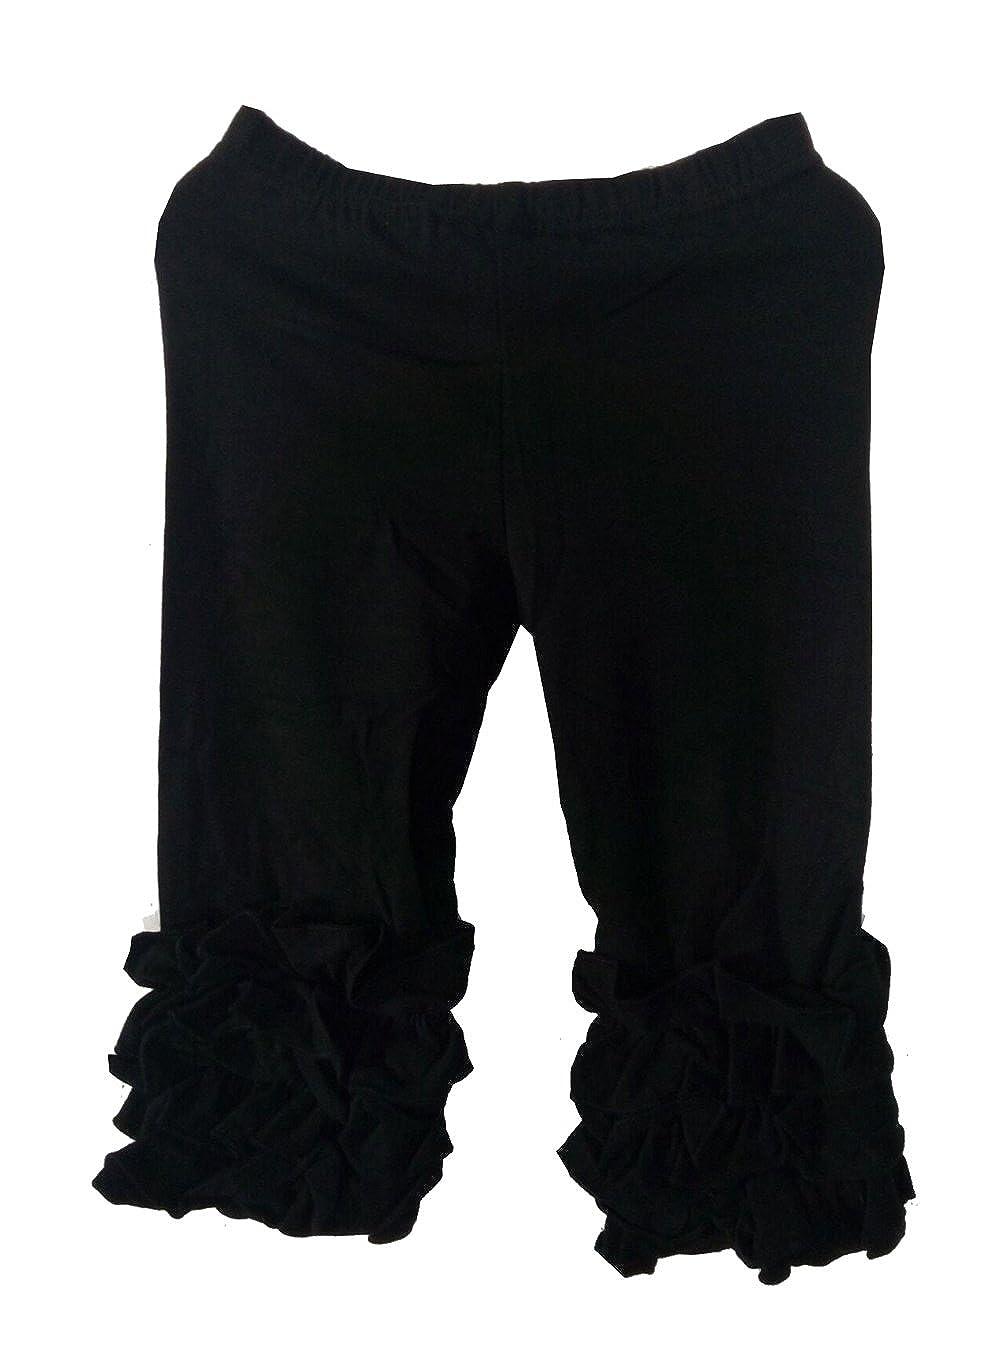 生まれのブランドで Fashion Baby ベビーガールズ PANTS ベビーガールズ M#3-4Year Fashion ブラック ブラック B01NCJDQBP, ヒロシマシ:c1f9bf7f --- a0267596.xsph.ru